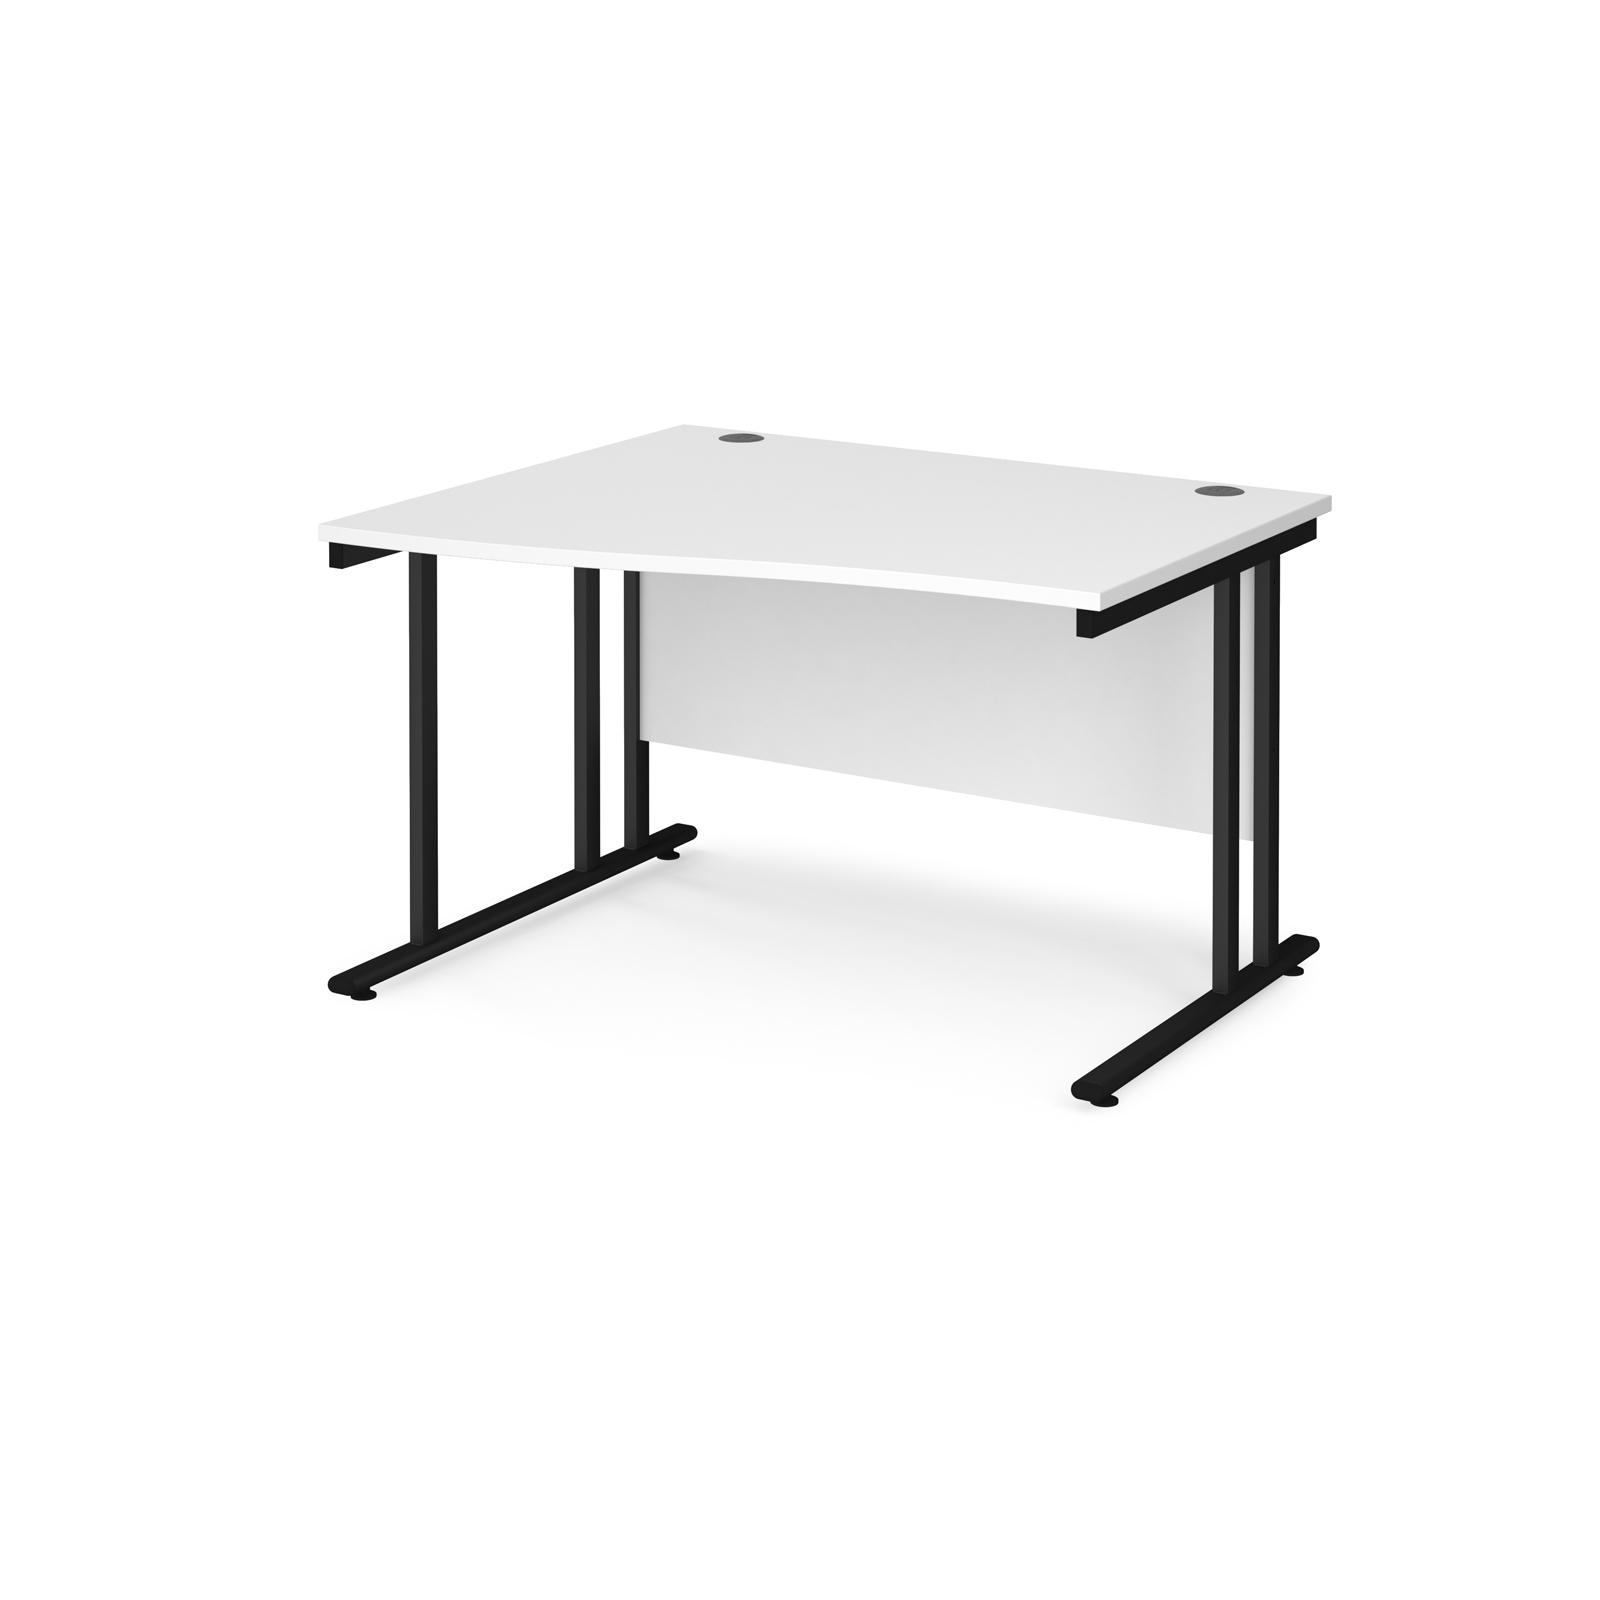 Left Handed Maestro 25 left hand wave desk 1200mm wide - black cantilever leg frame, white top